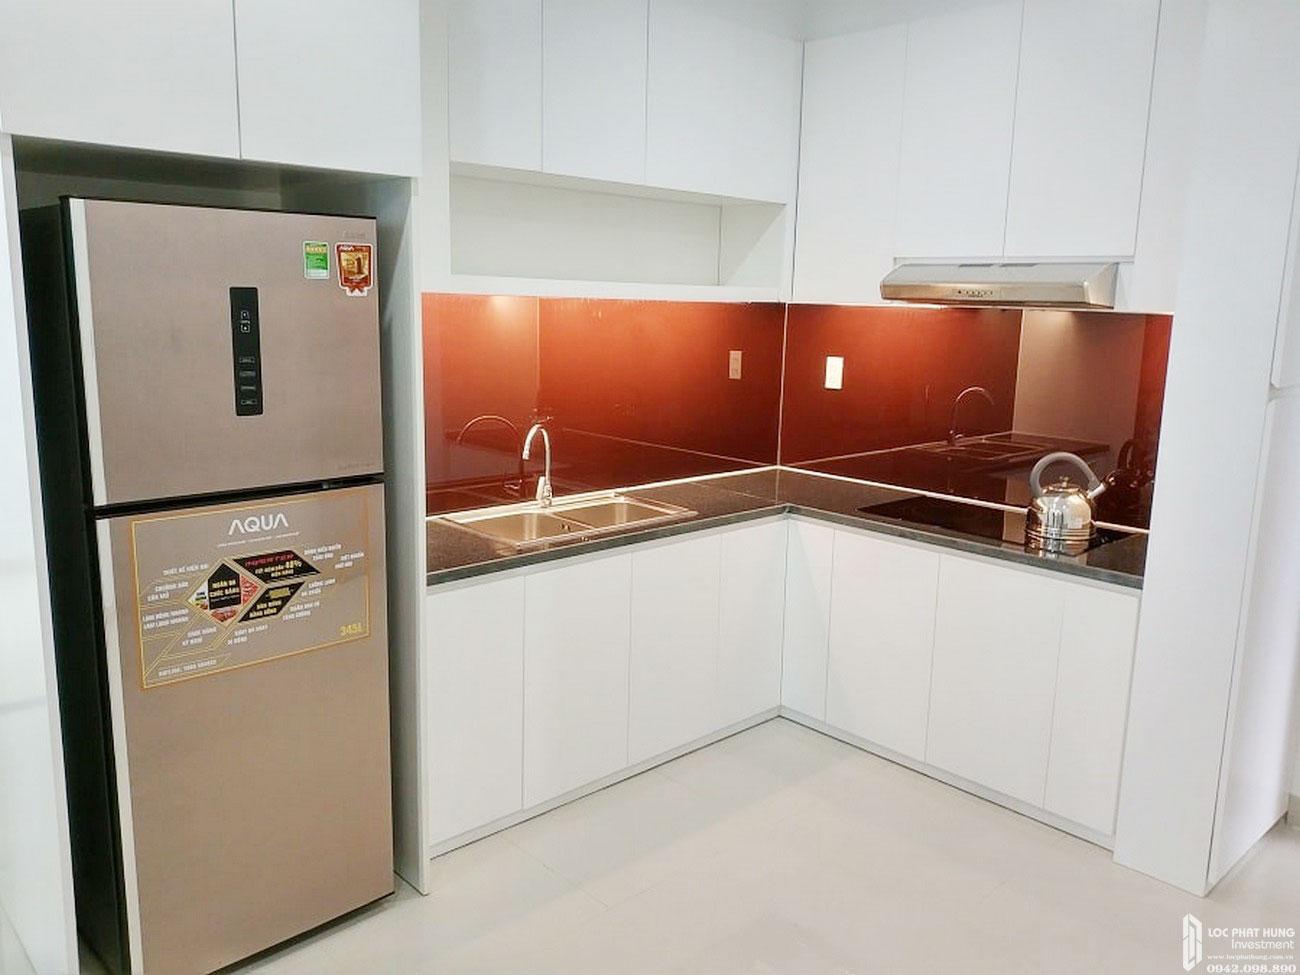 Nhà mẫu thực tế dự án căn hộ High Intela Quận 8 đường Võ Văn Kiệt